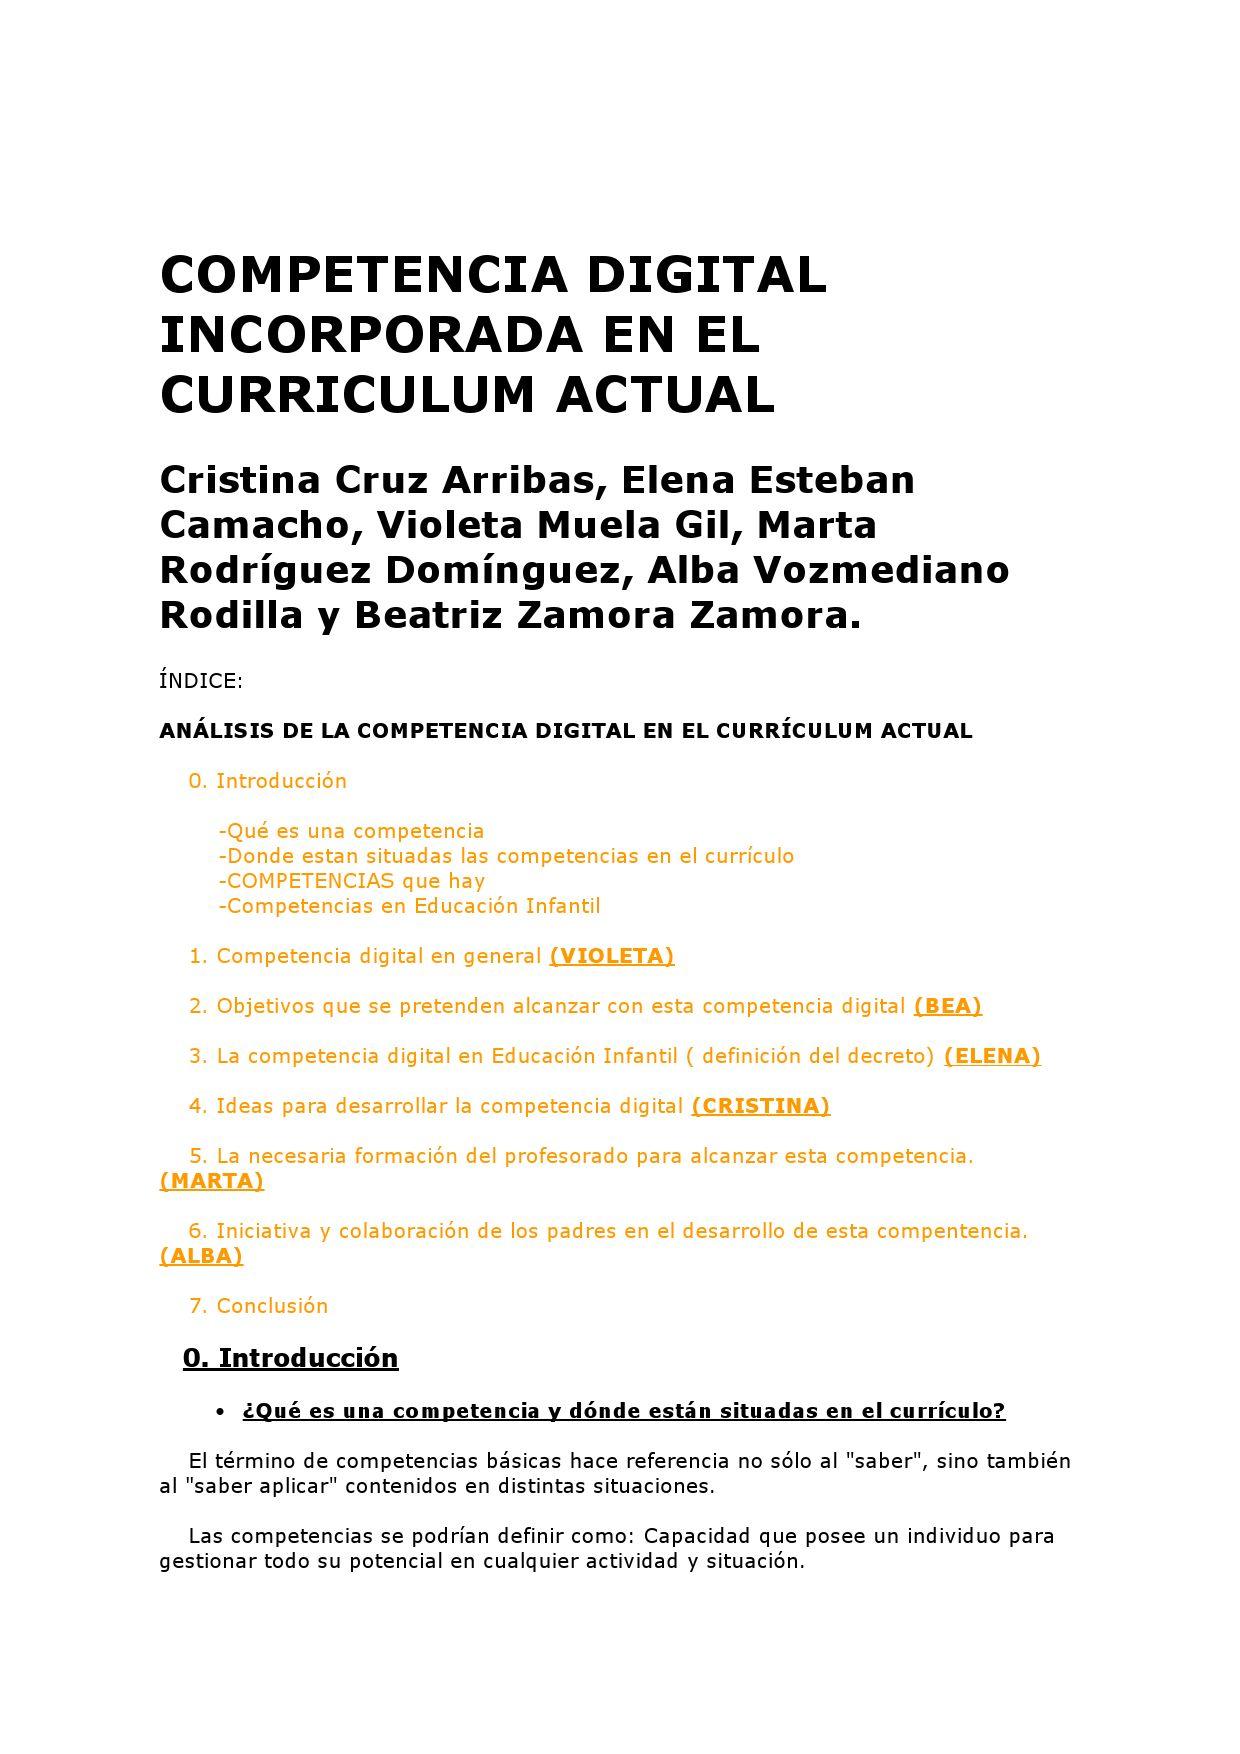 COMPETENCIA DIGITAL INCORPORADA EN EL CURRICULUM by cristina cruz ...